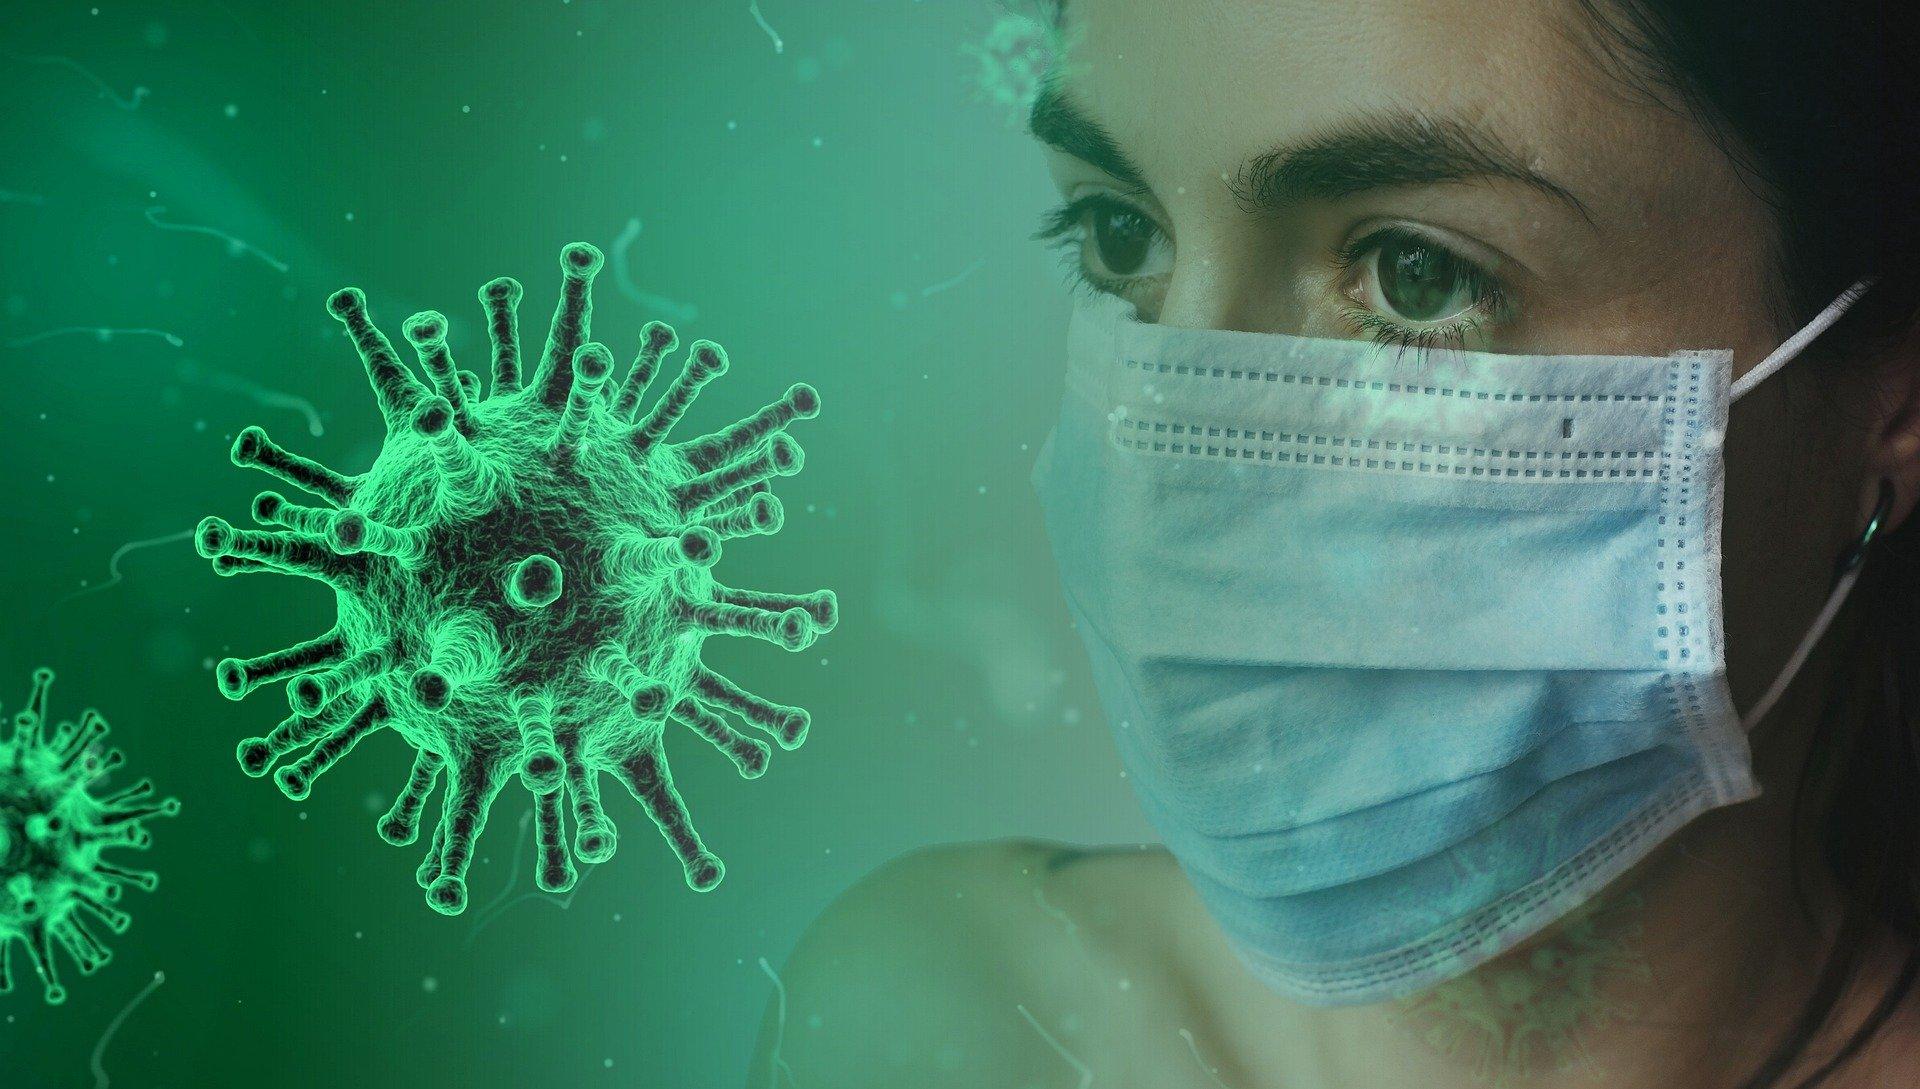 Эксперт оценил доклад ВОЗ о происхождении коронавируса